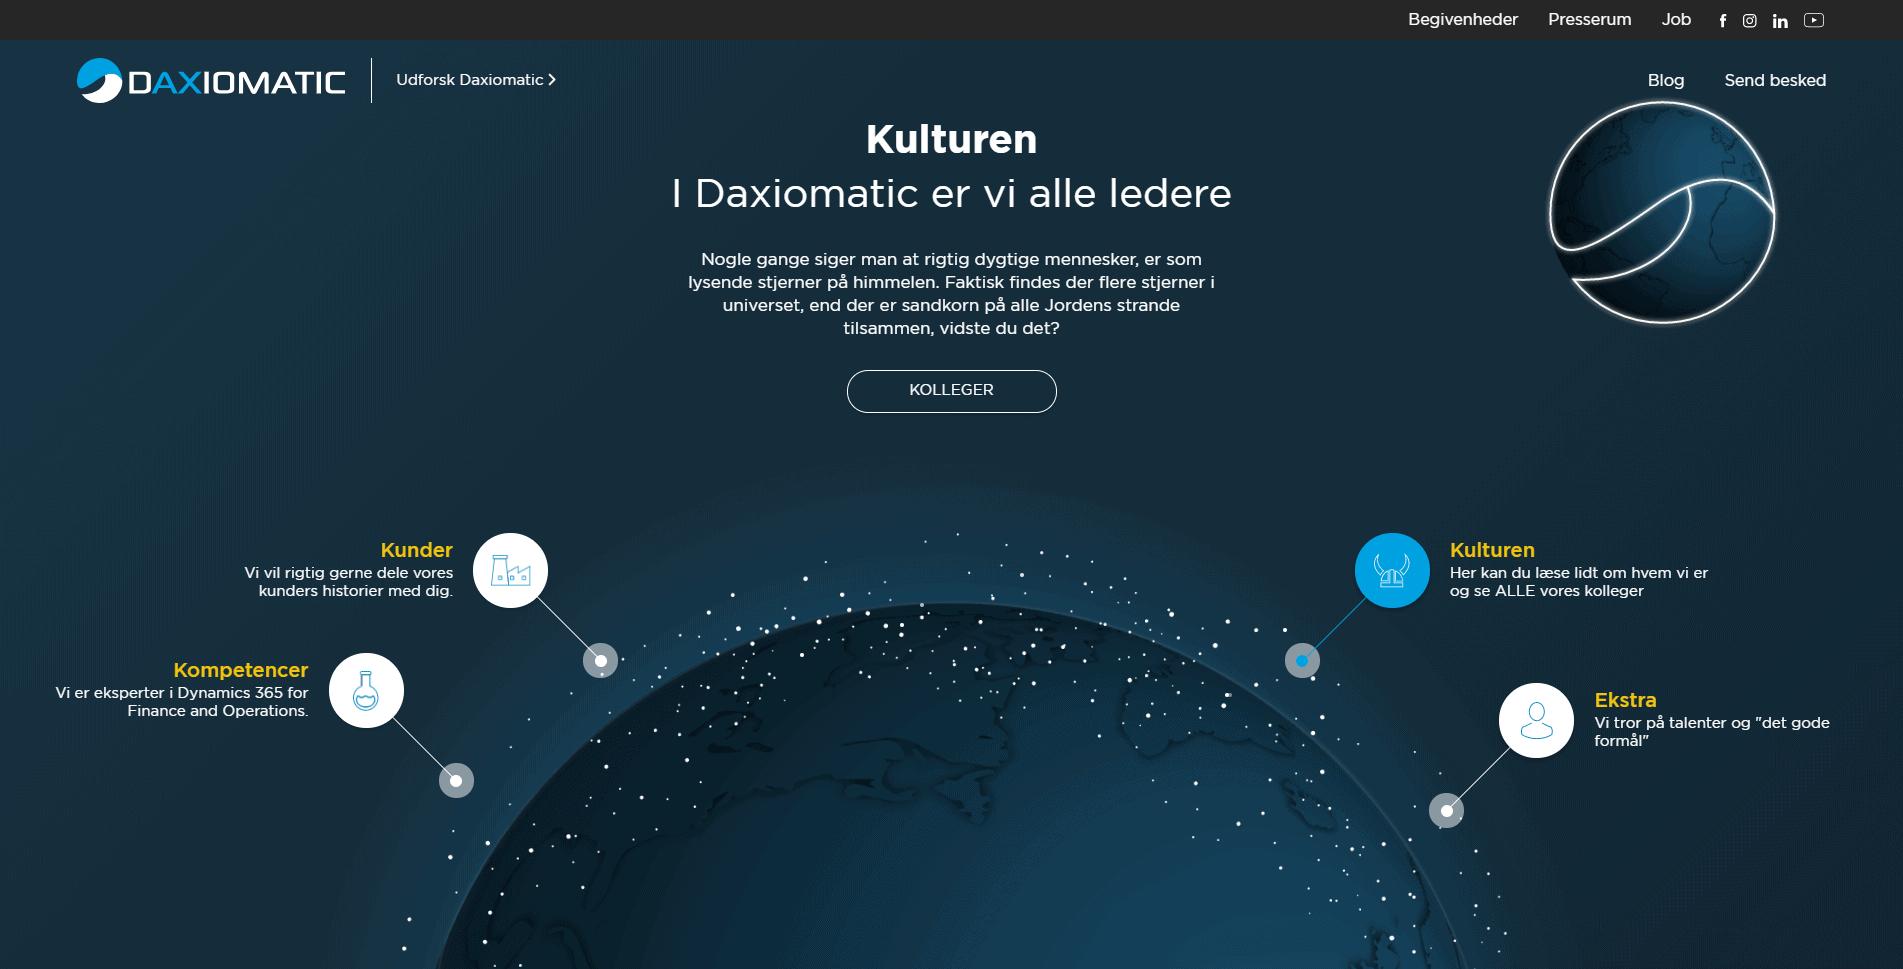 daxiomatic kultur design lækker website